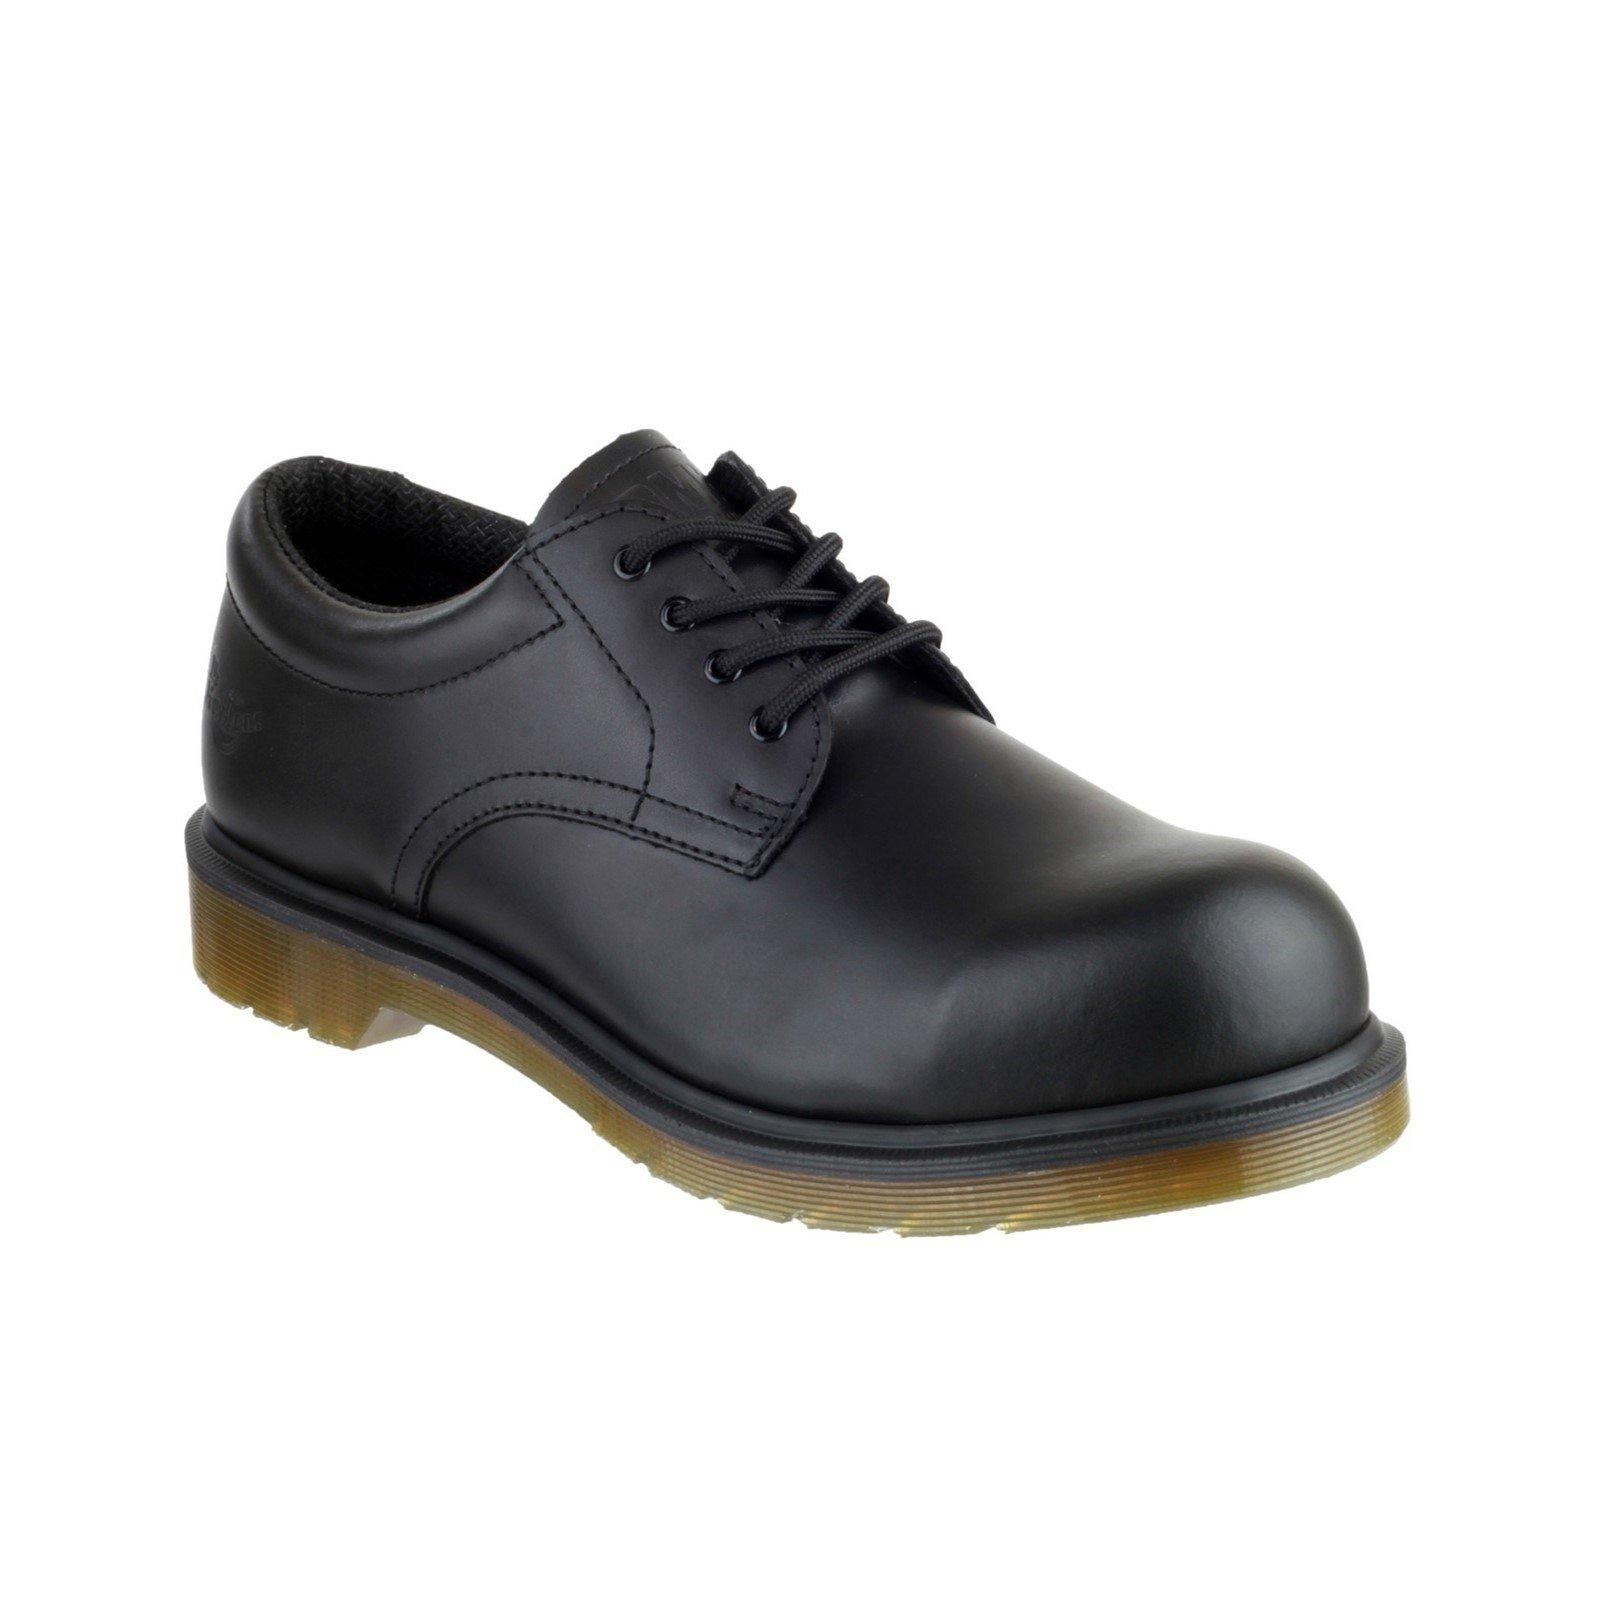 Dr Martens Unisex Icon Lace up Derby Shoe Black 00588 - Black 3